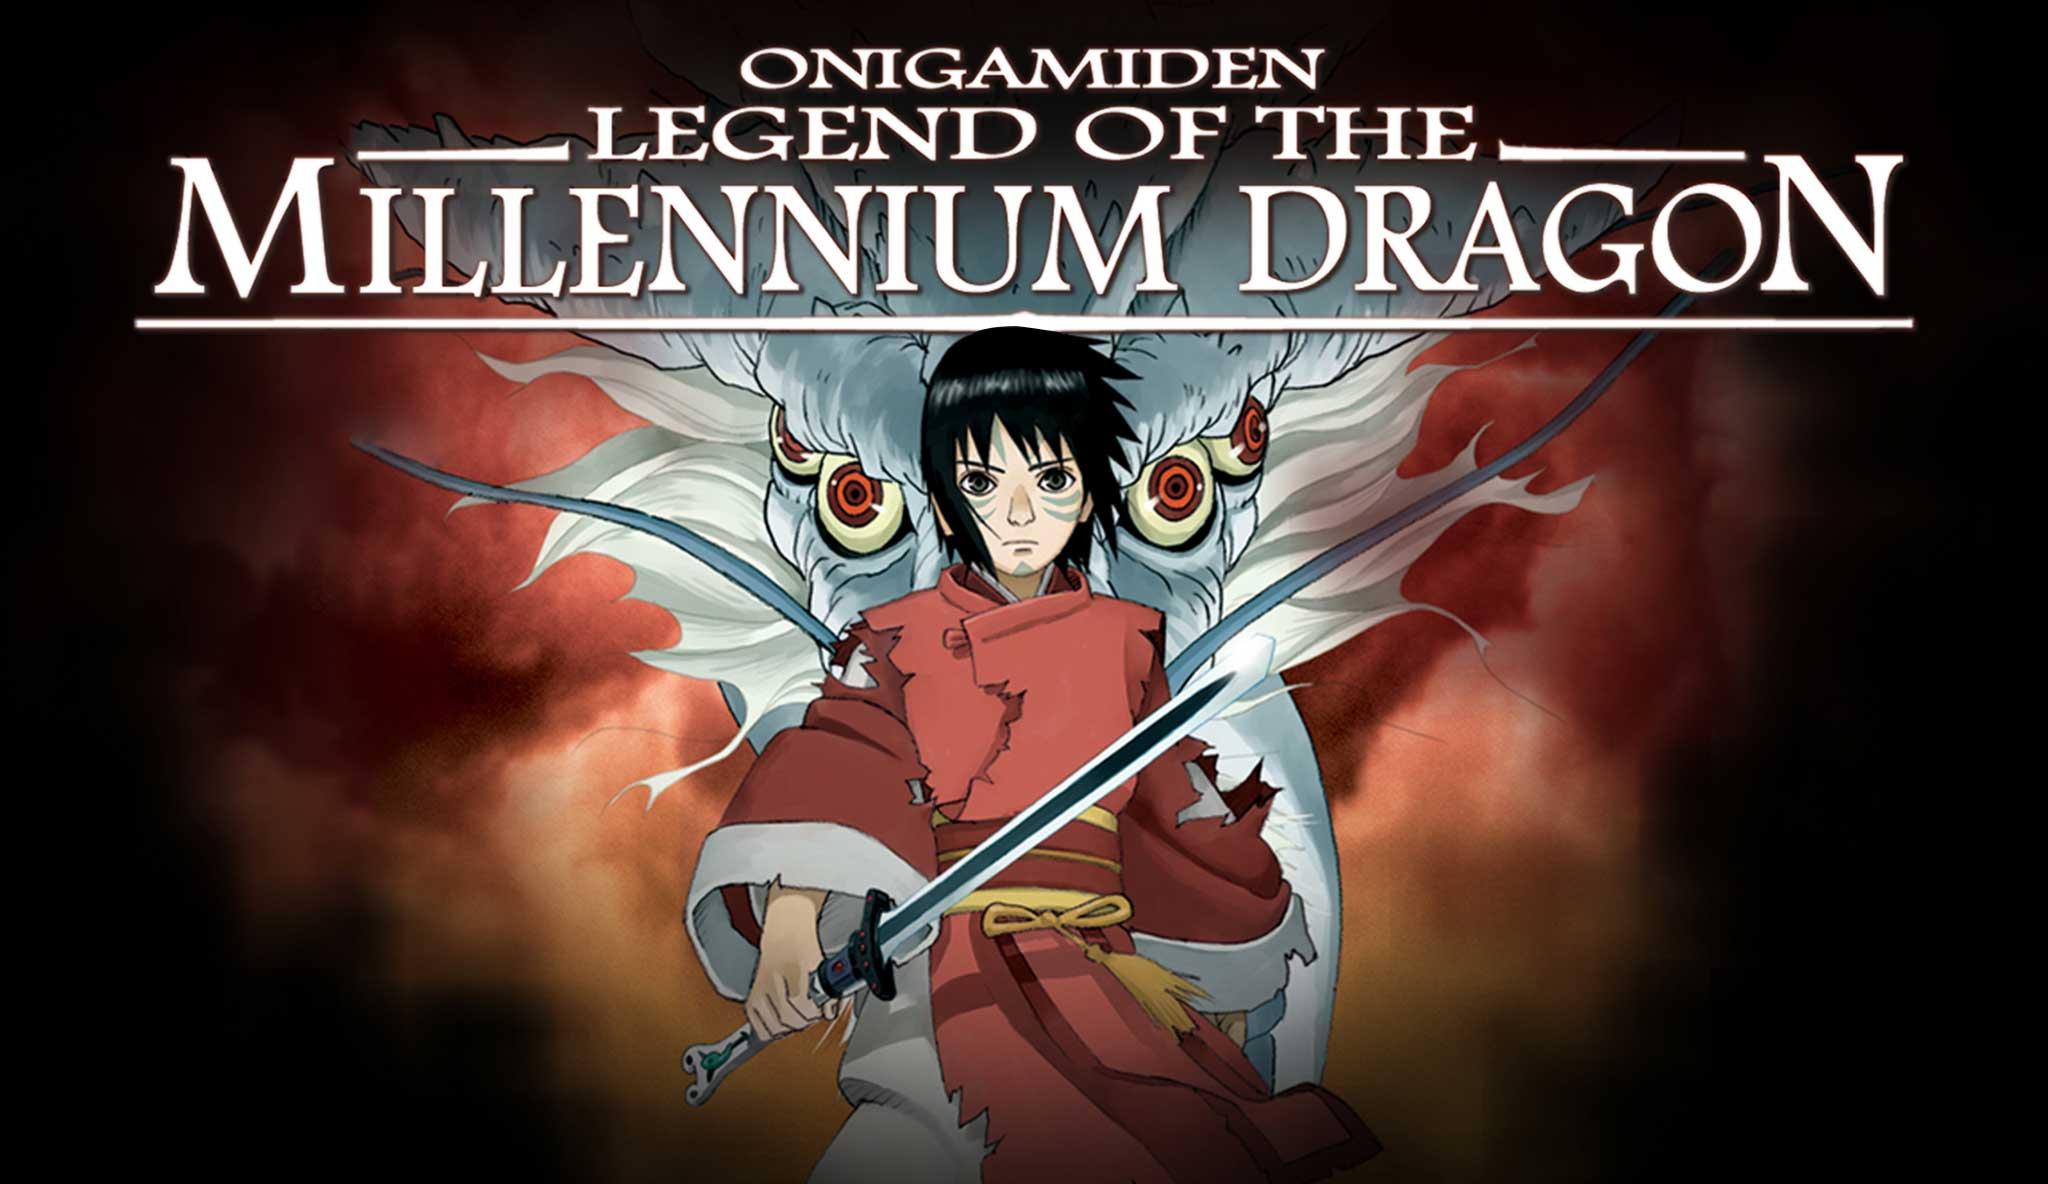 onigamiden-legend-of-the-millennium-dragon\header.jpg